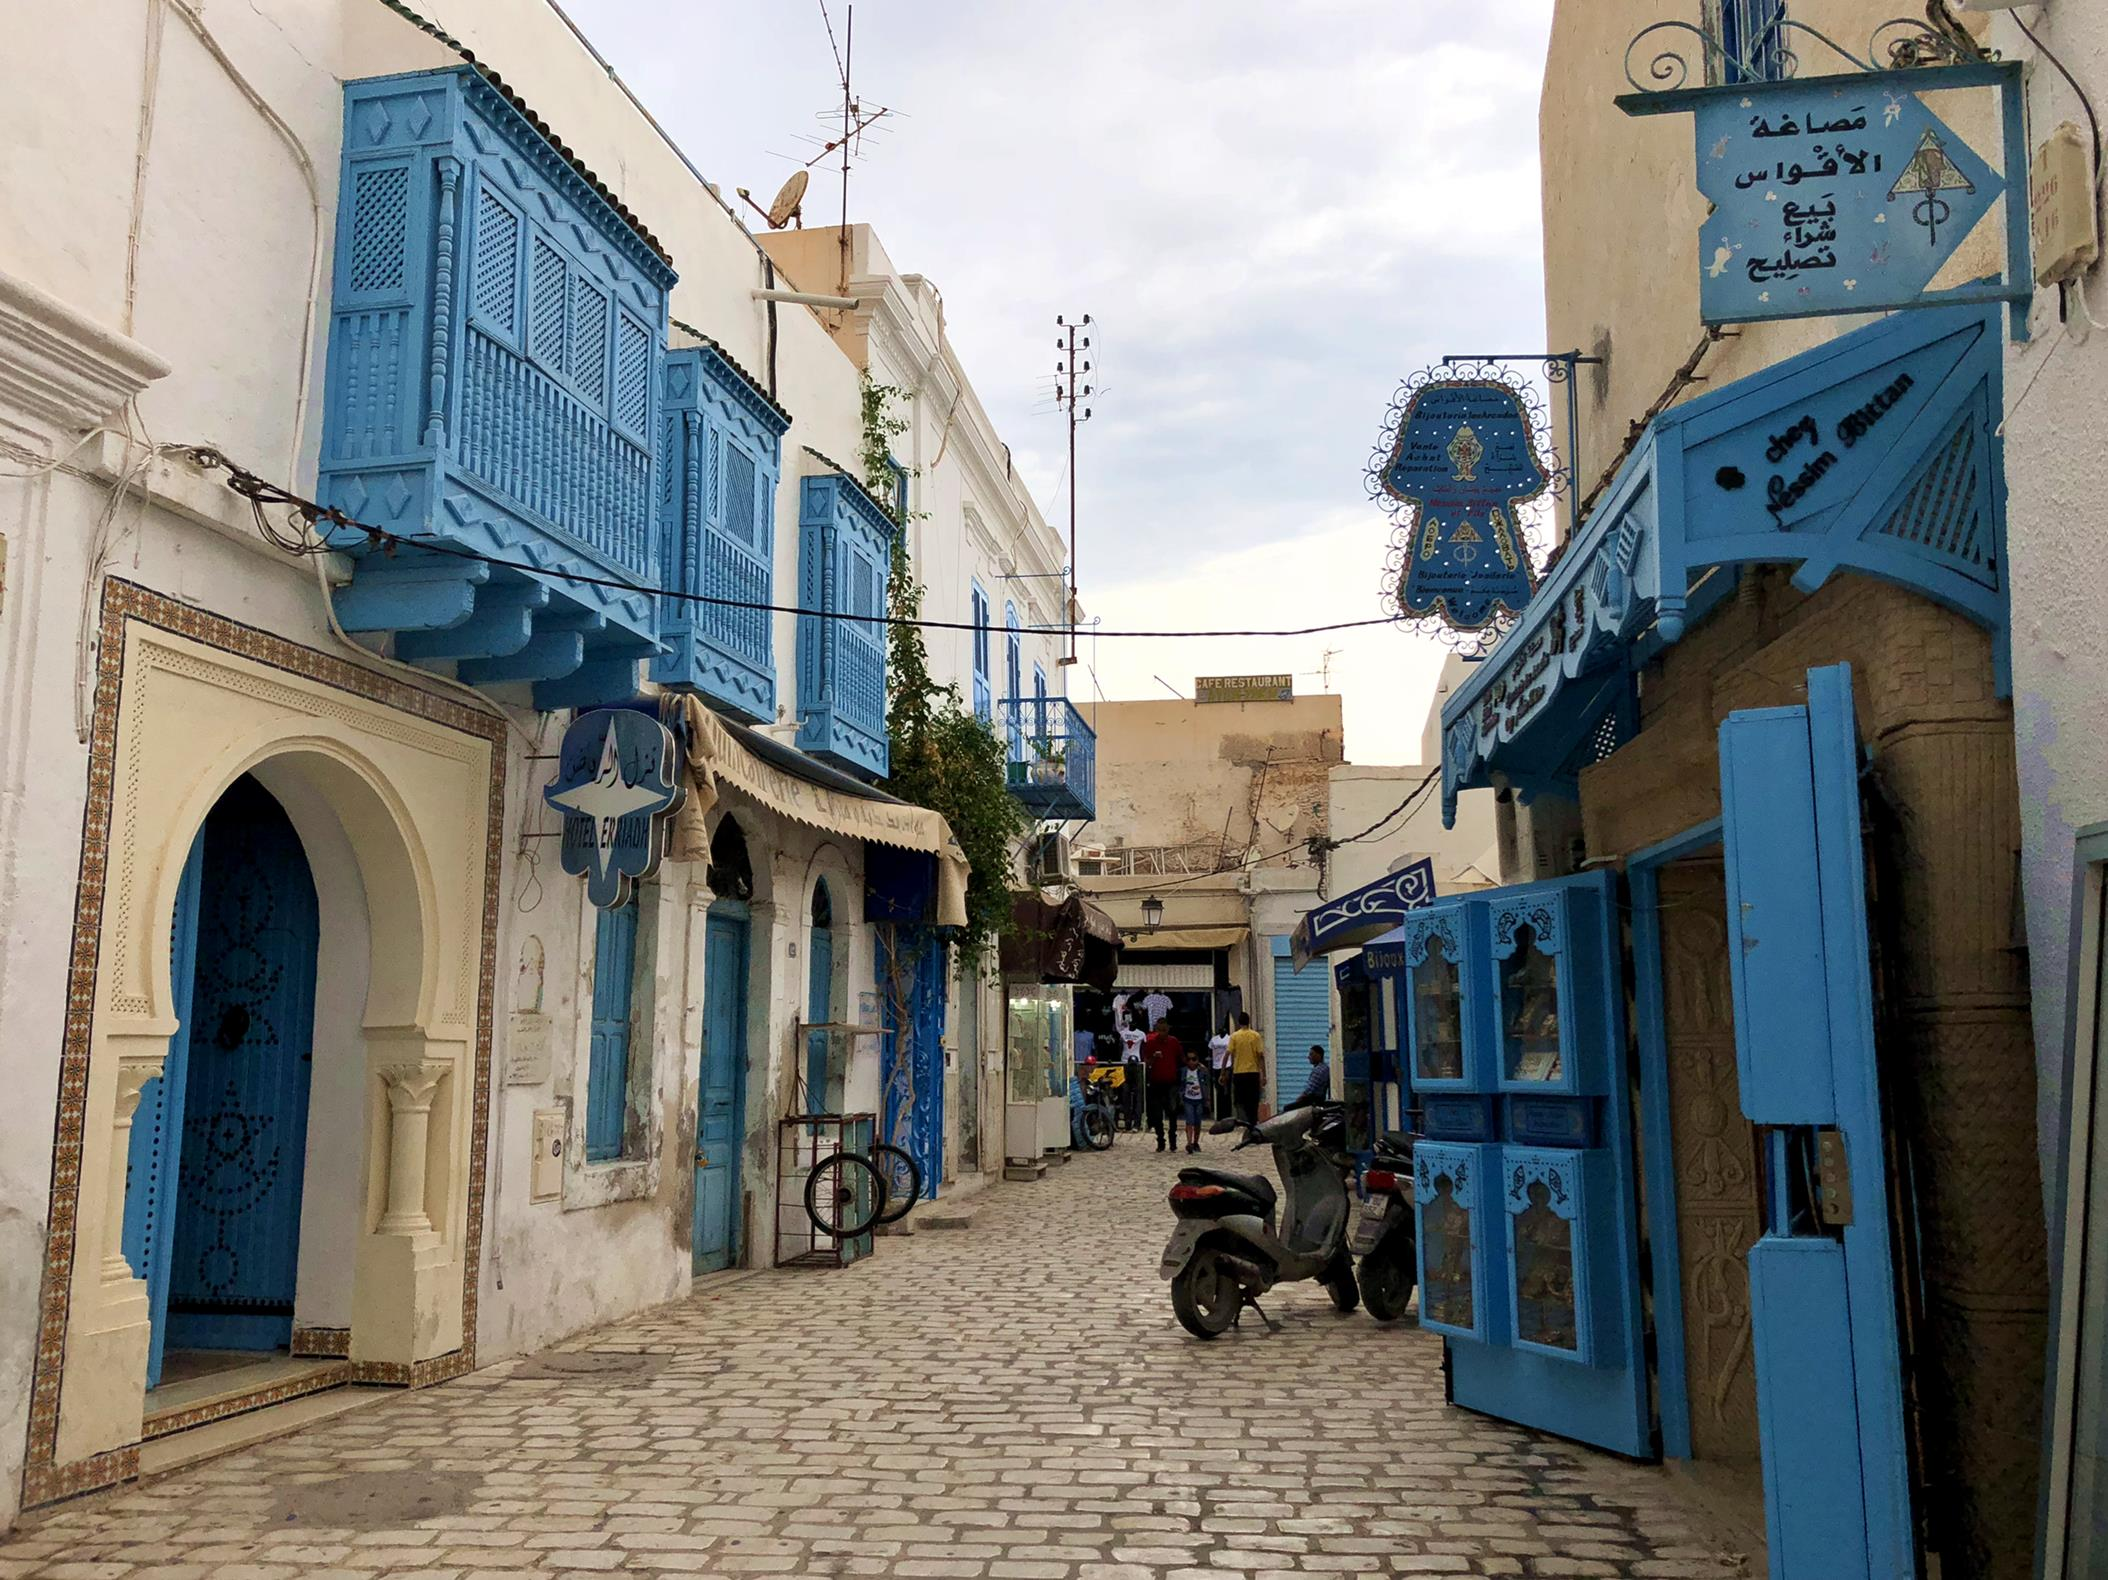 djerba_tunisia_houmtsouk_1